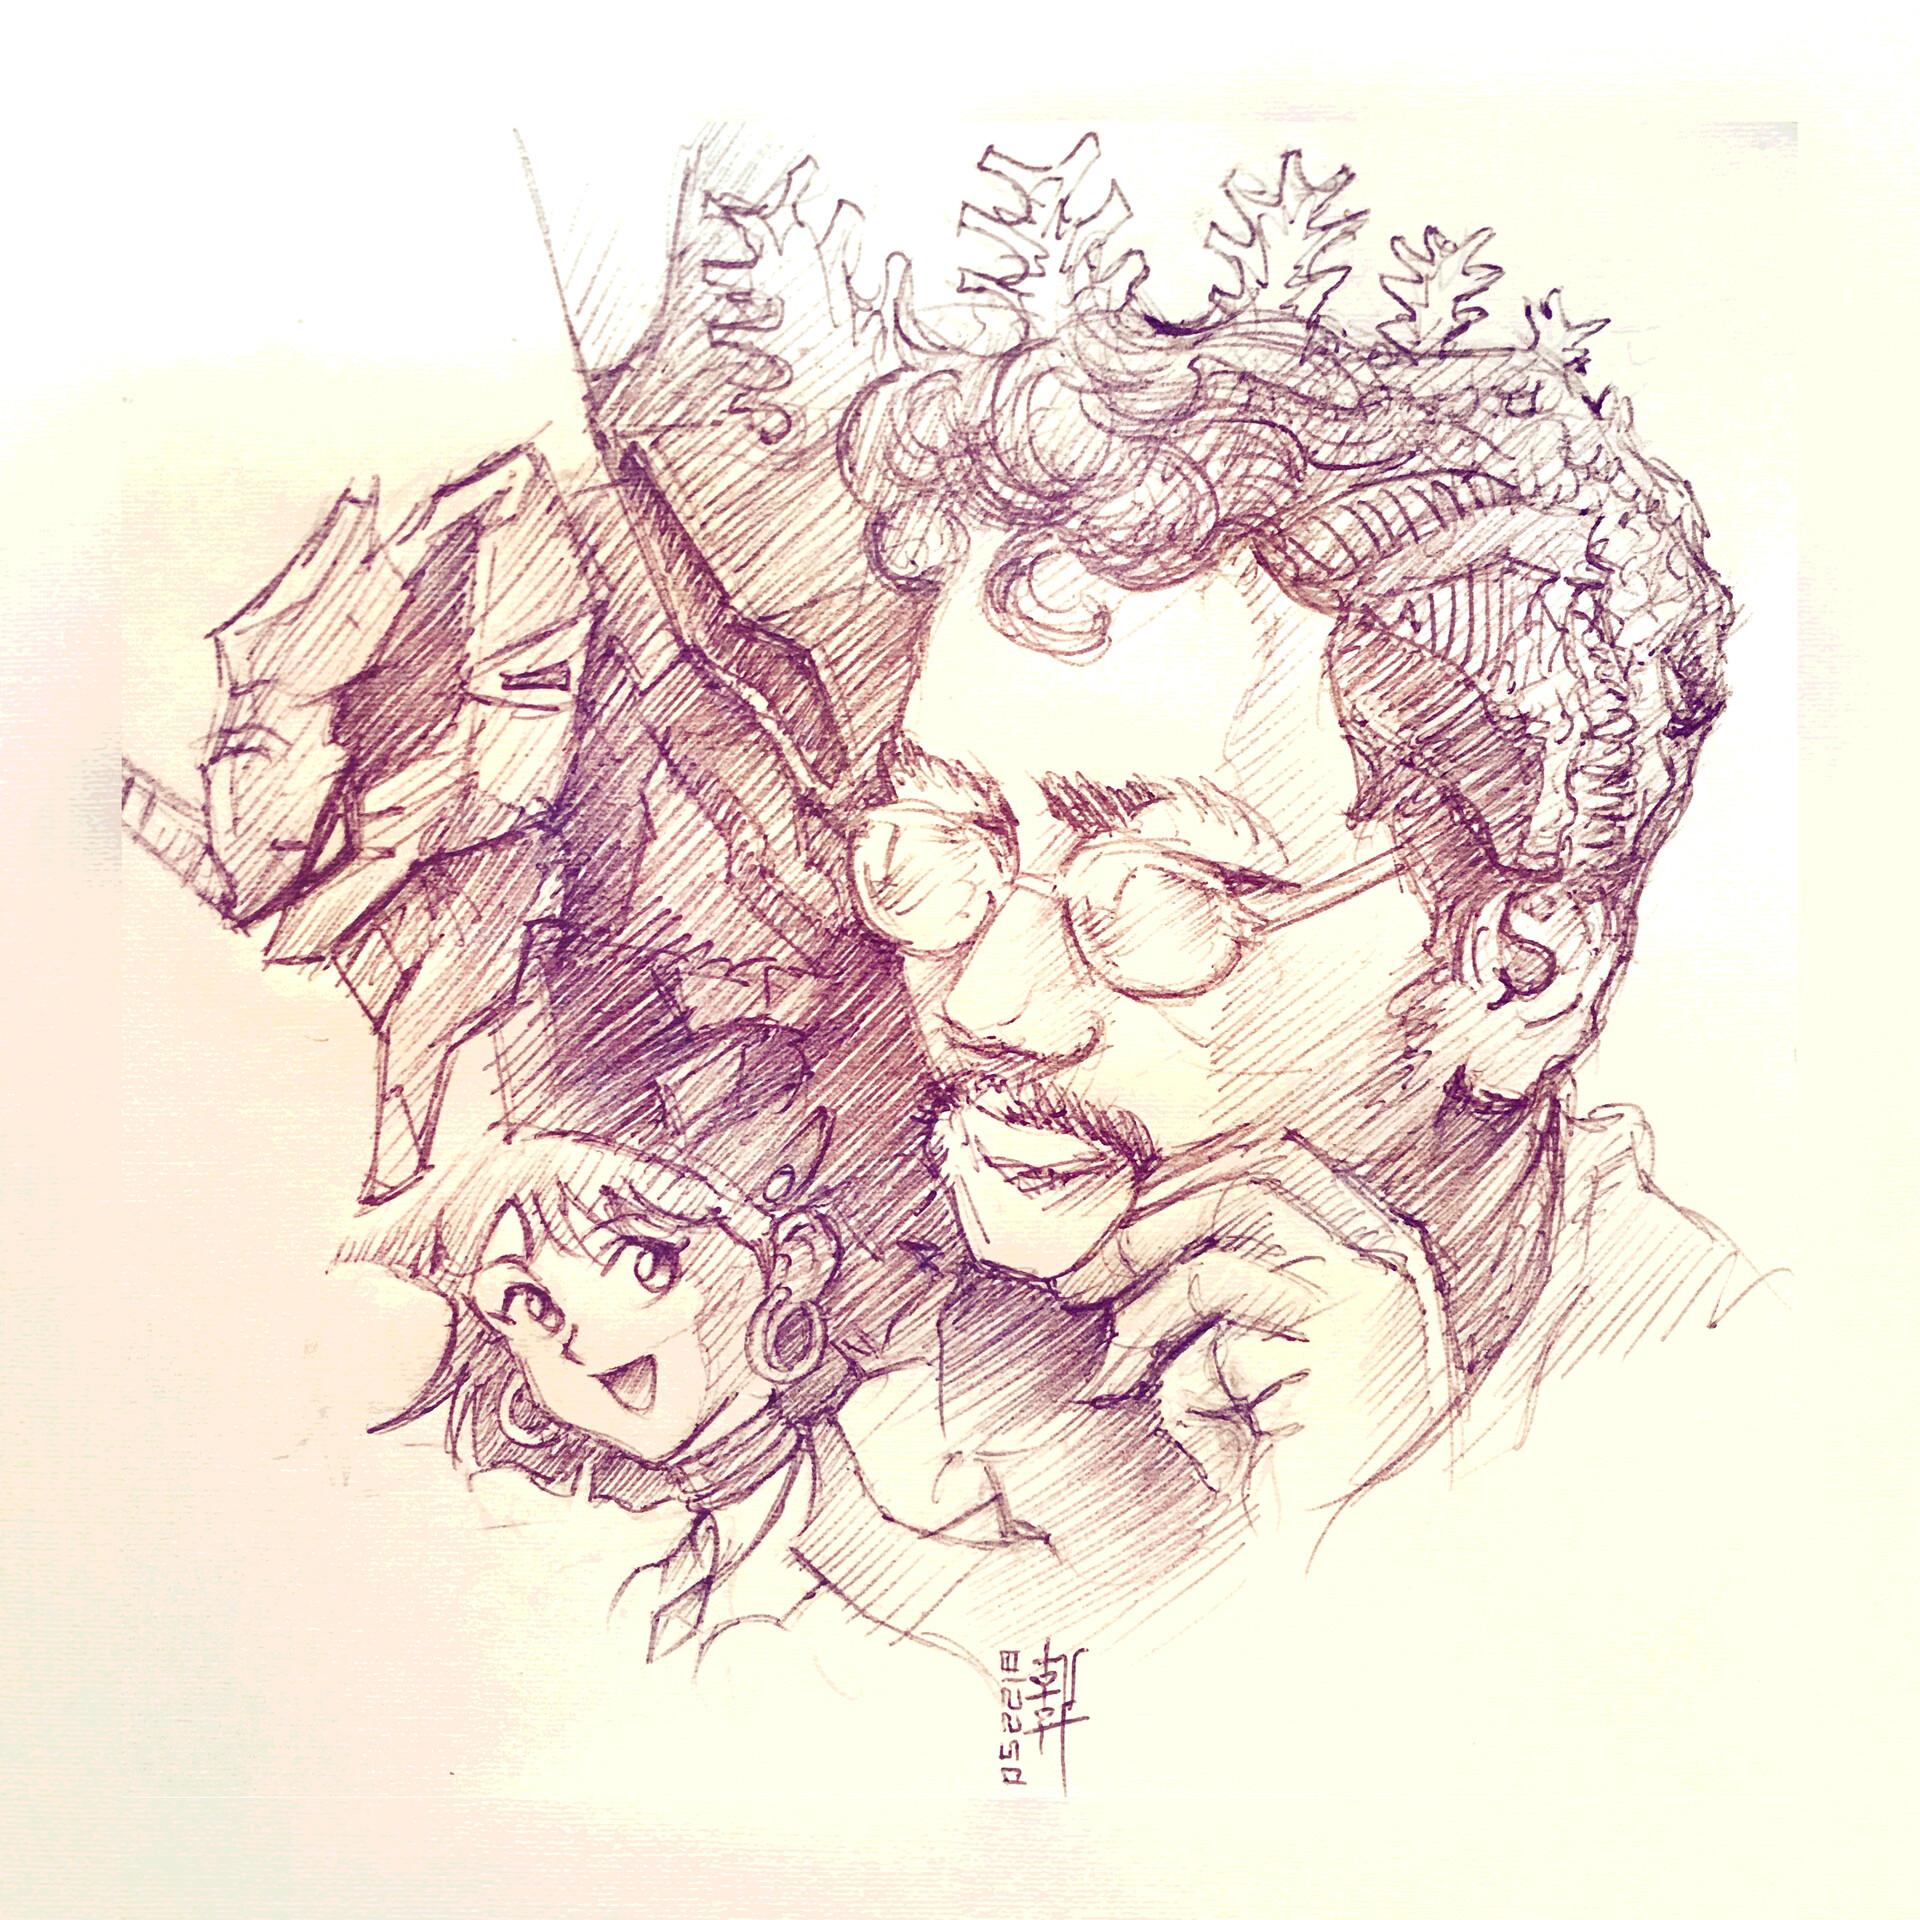 Anno Hideaki - Sketch